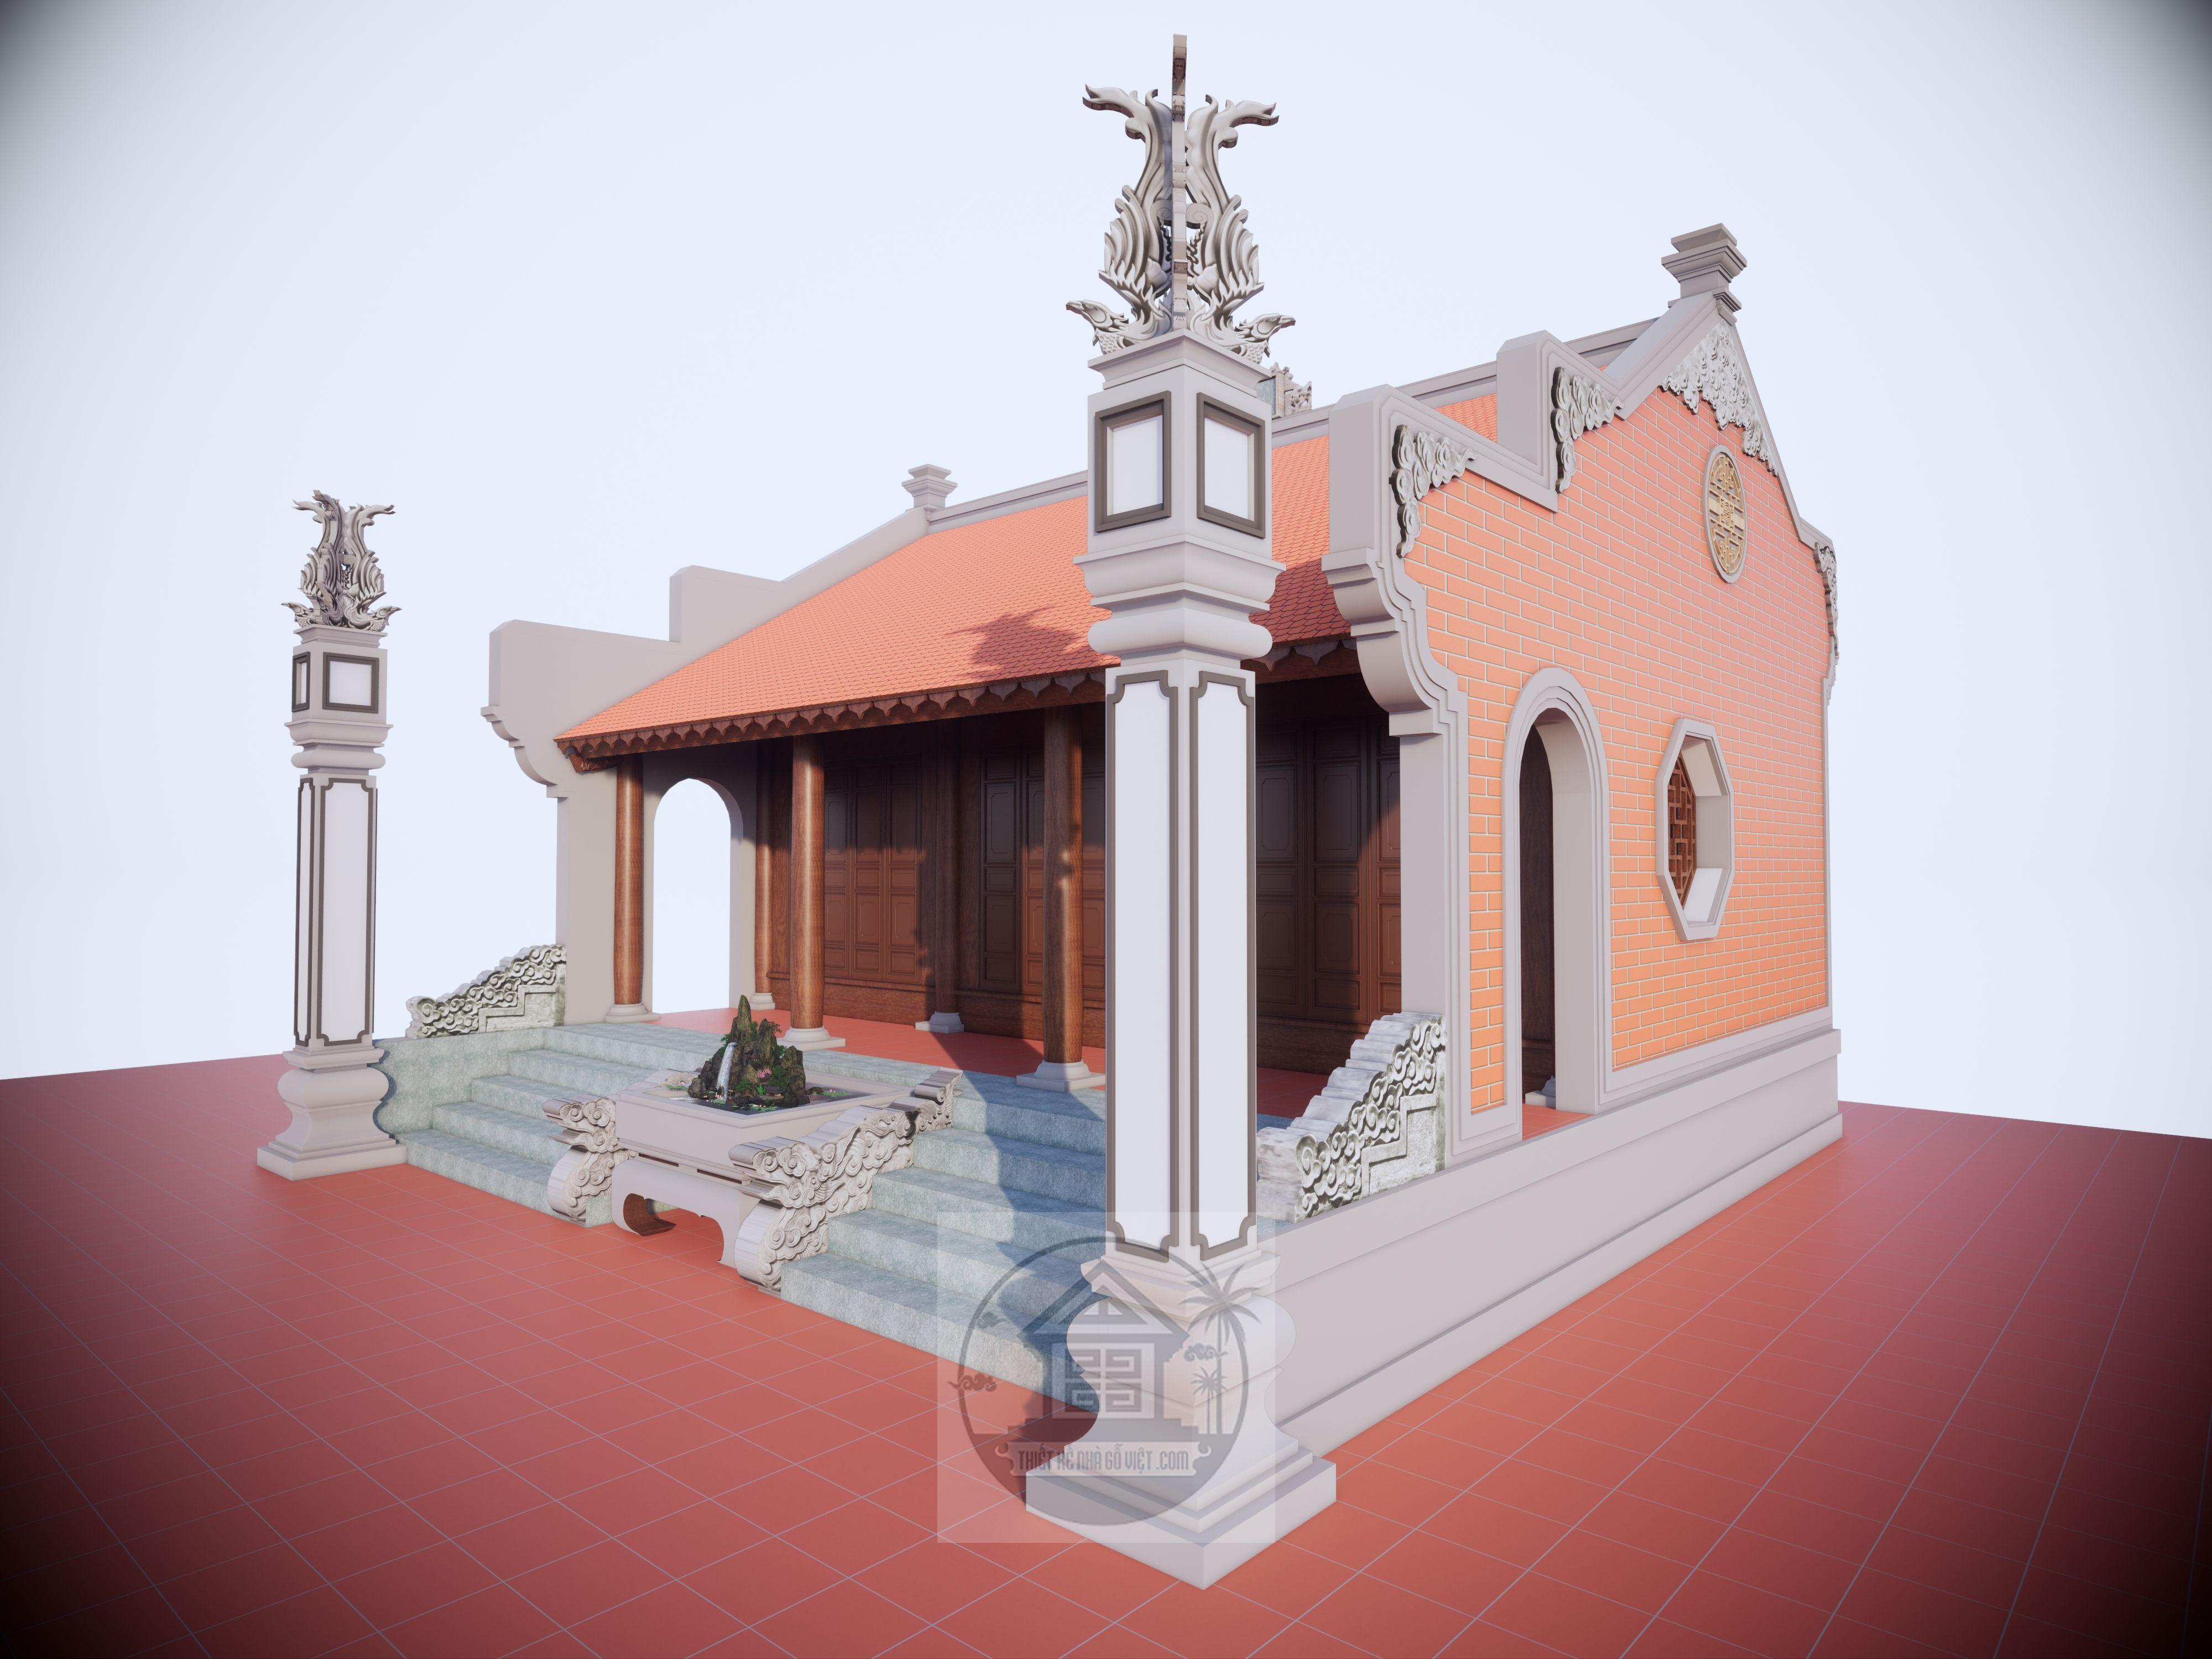 mẫu thiết kế nhà gỗ 3 gian đẹp